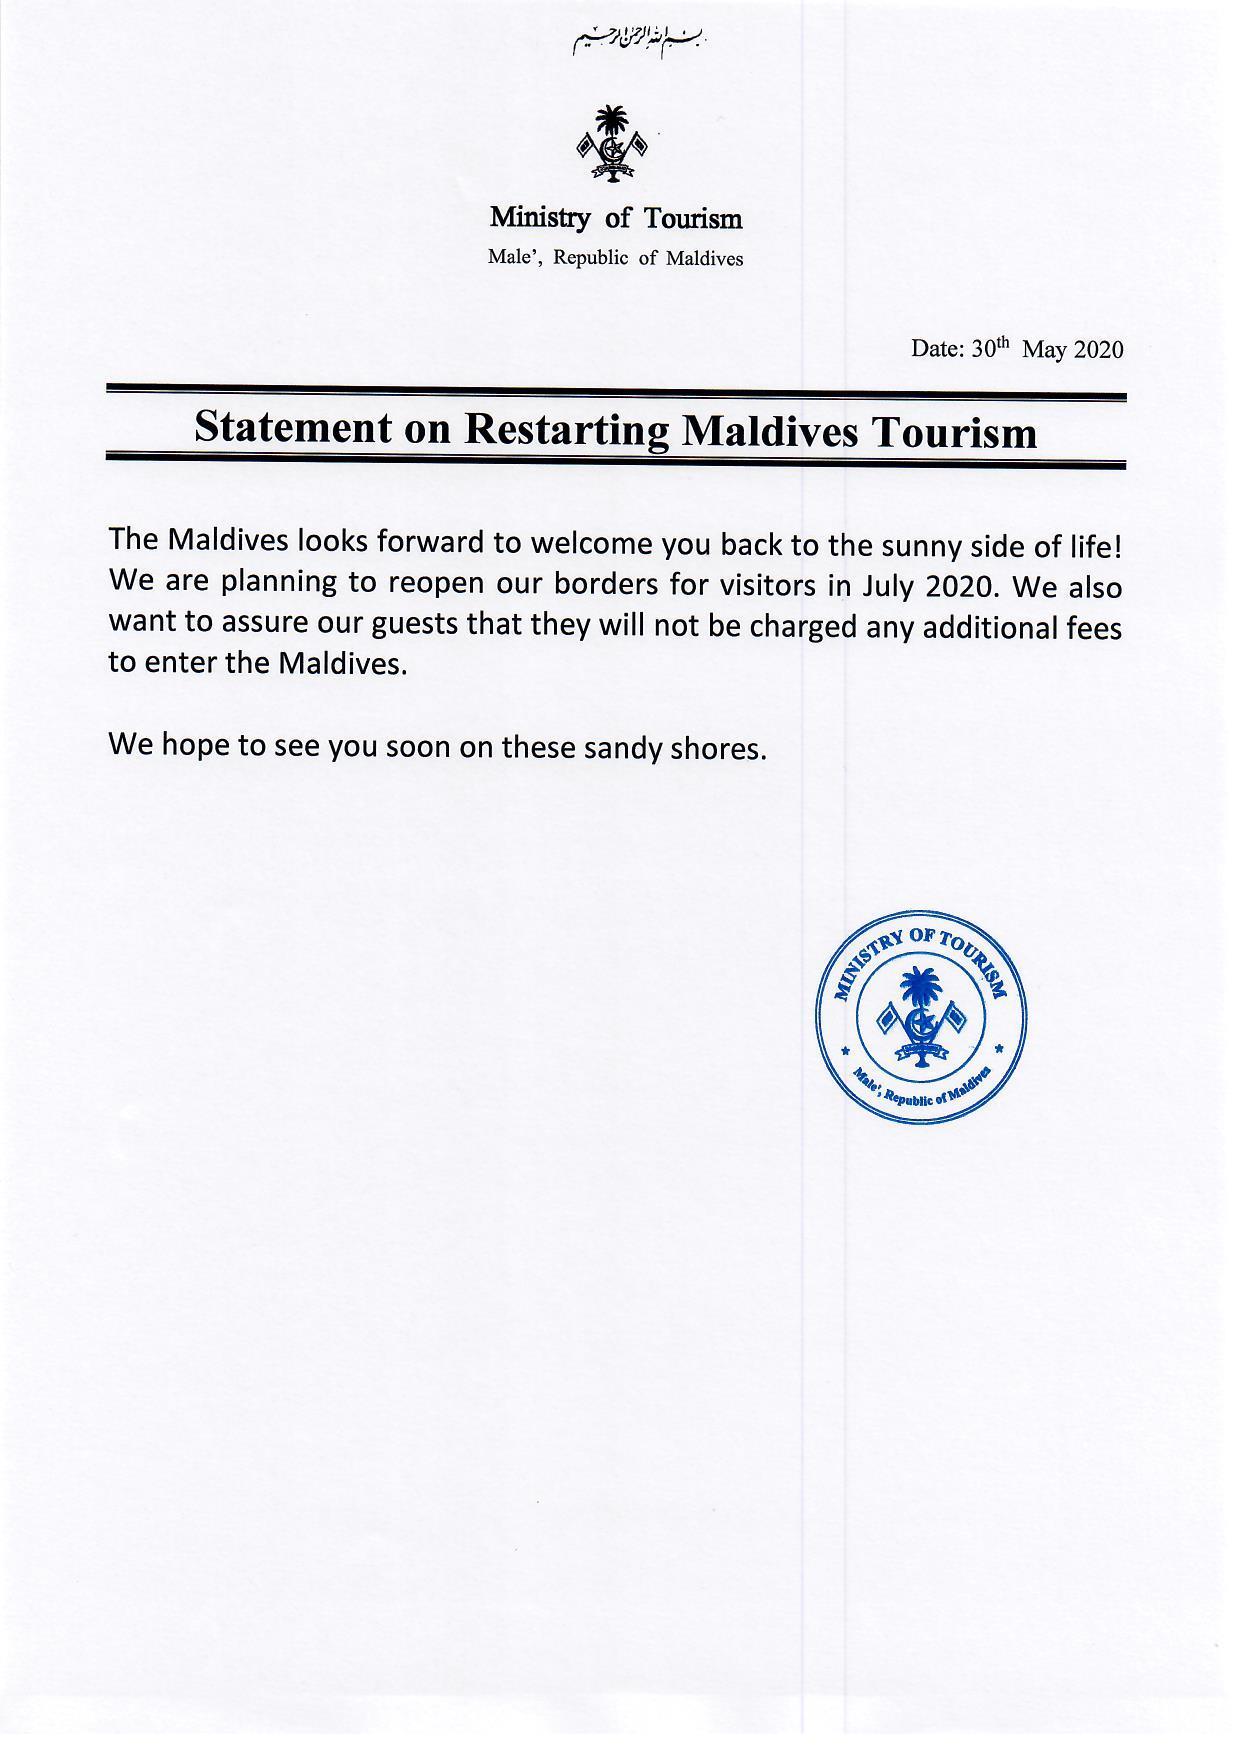 马尔代夫计划7月起重新开放边境